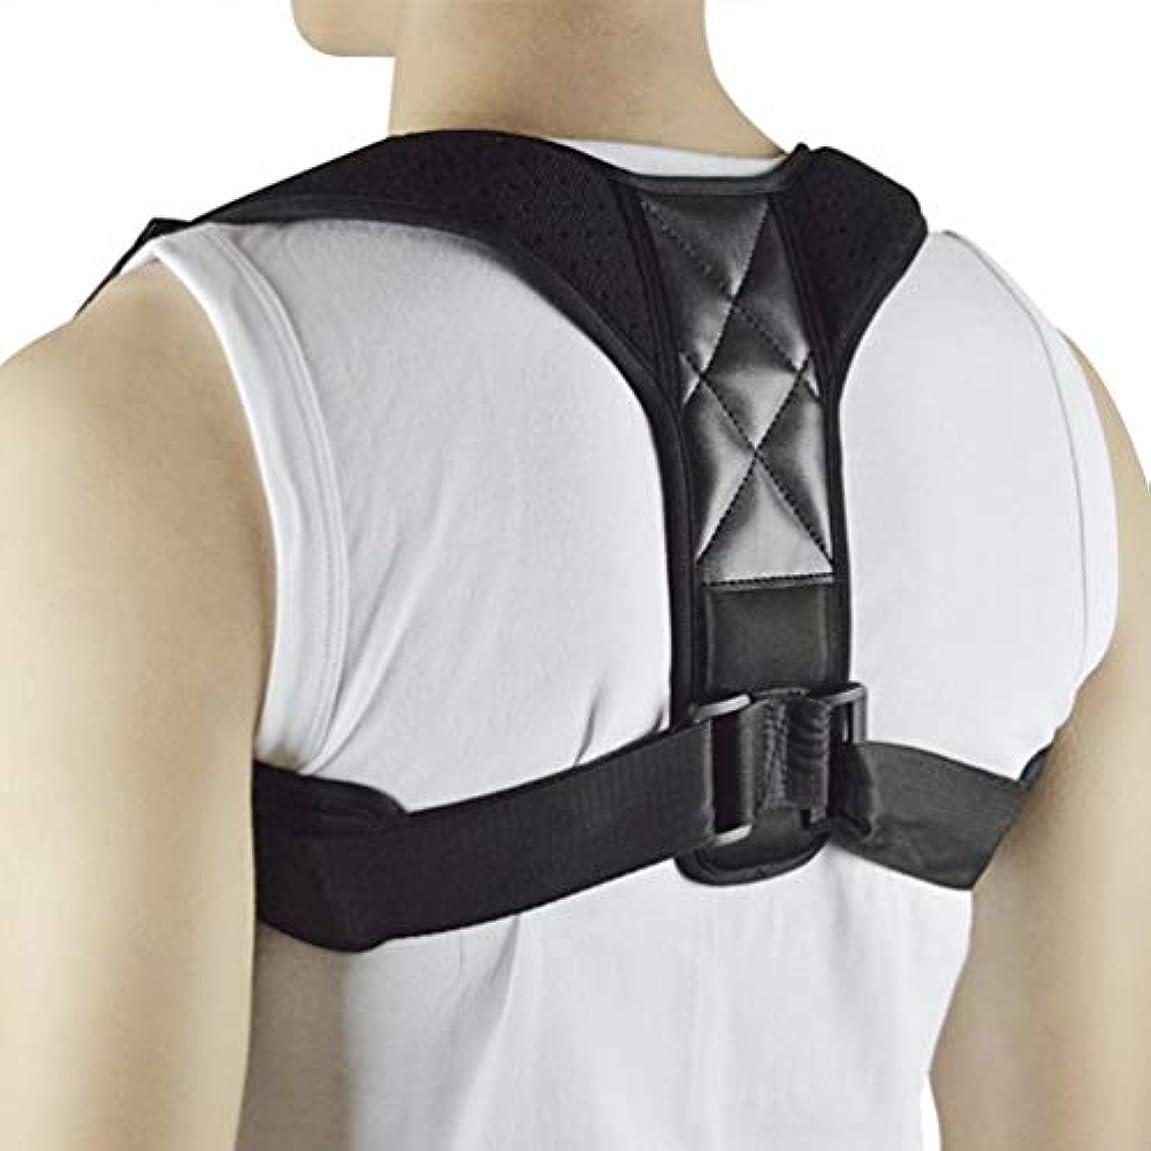 ふつう社員区WT-C734ザトウクジラ矯正ベルト大人の脊椎背部固定子の背部矯正 - 多色アドバンス